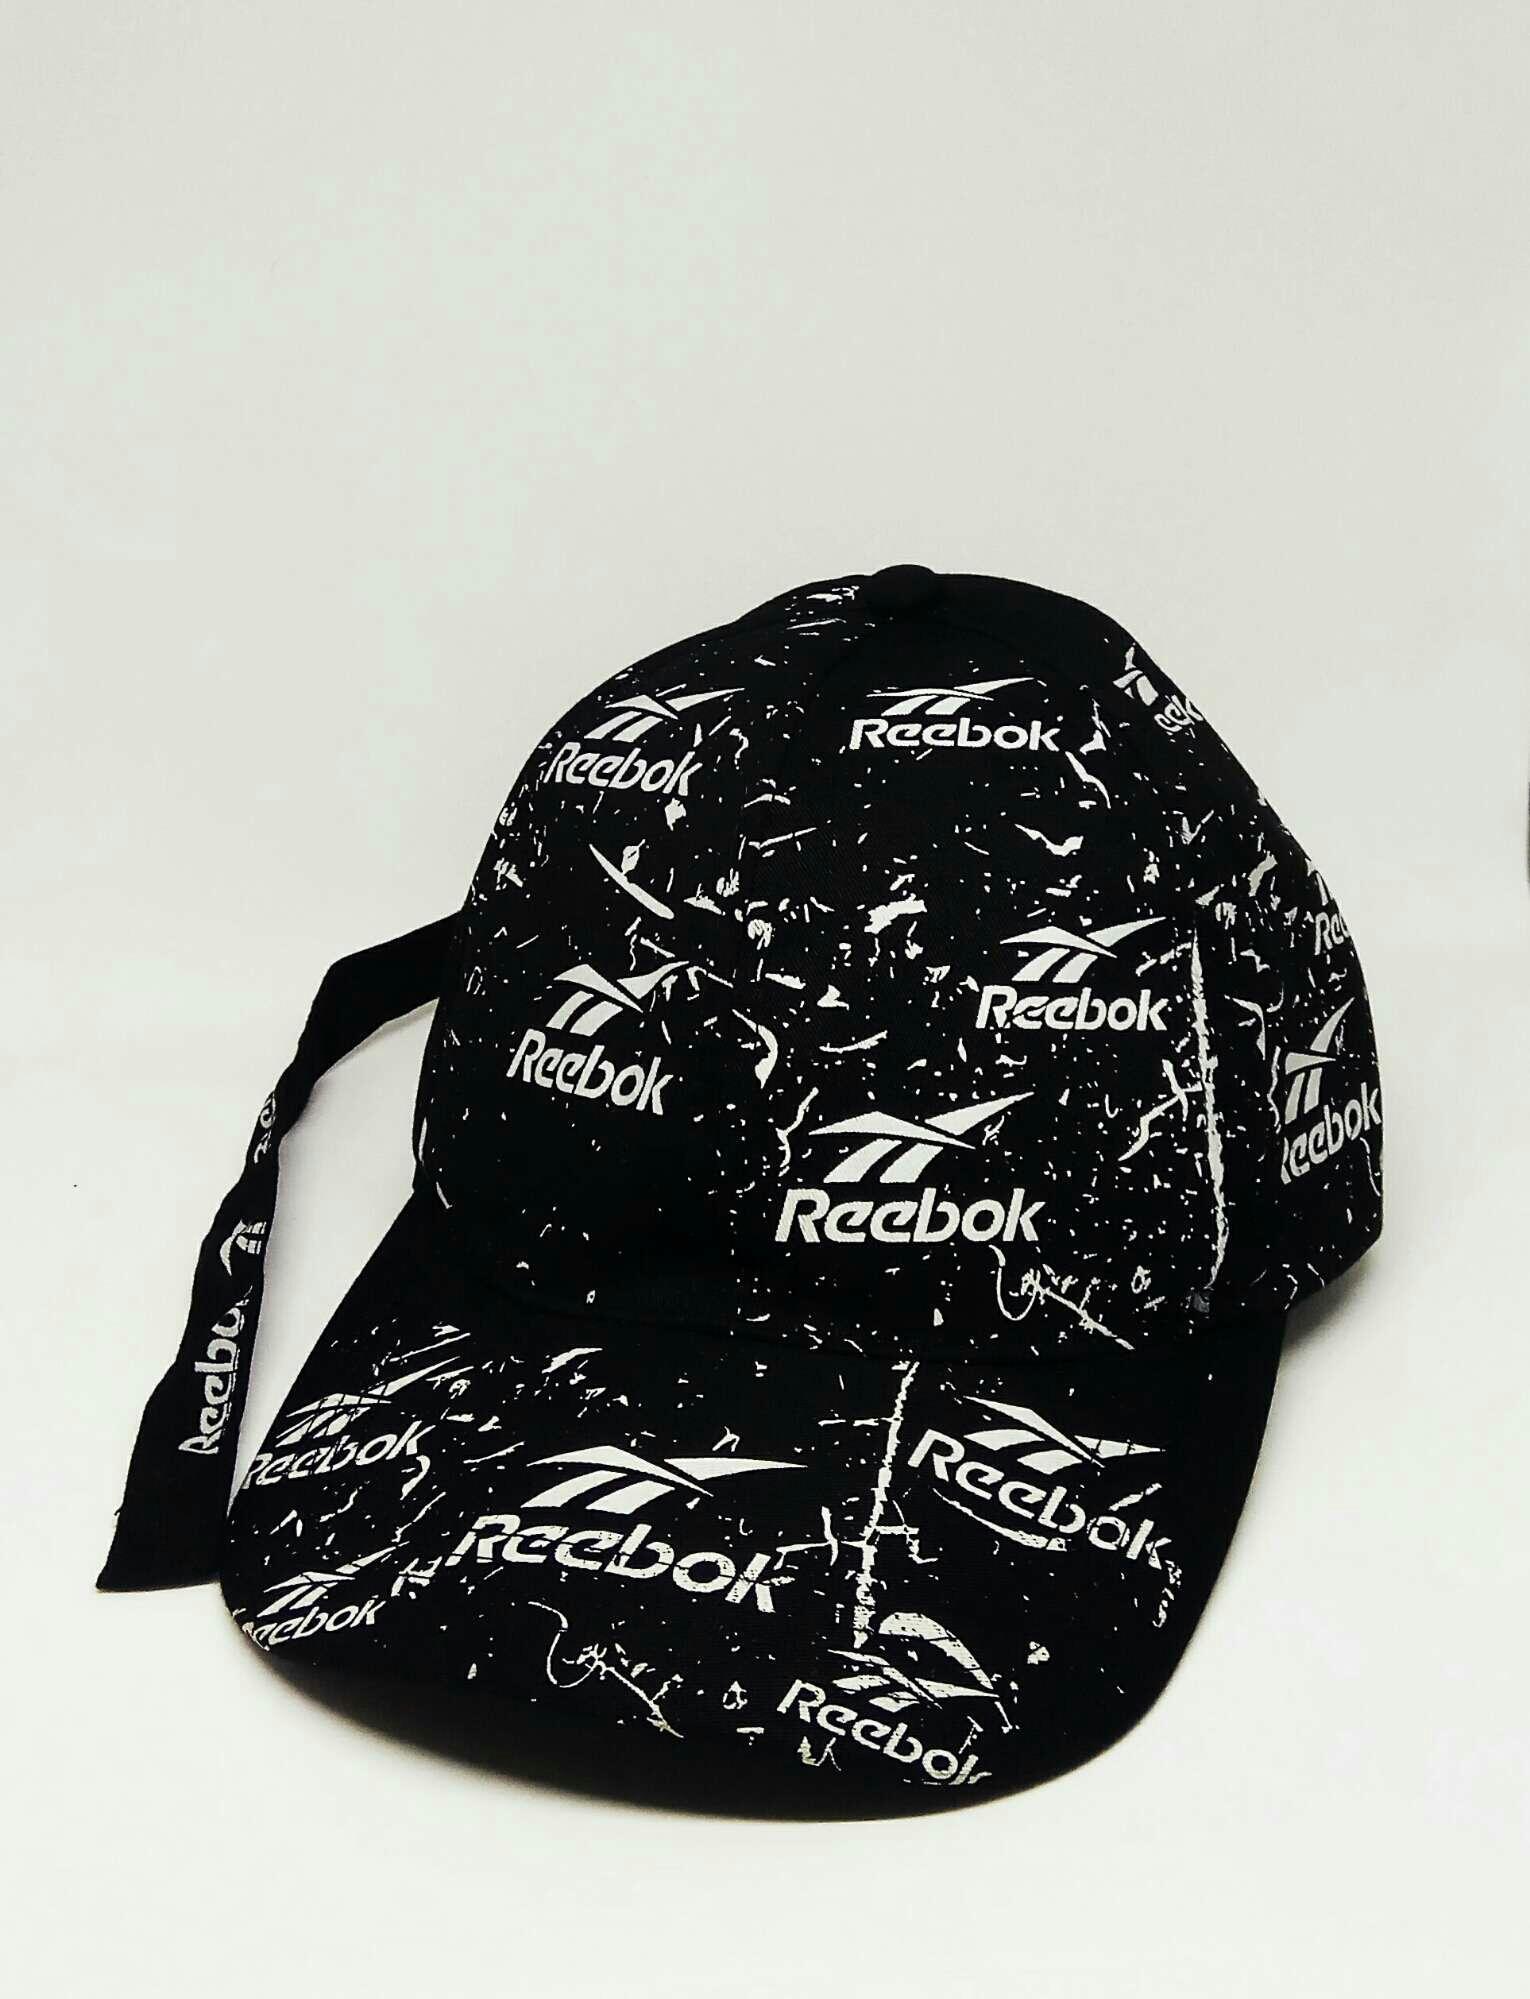 Topi distro pria/Topi snapback printing premium style fashion and trendy/Topi distro keren - 2